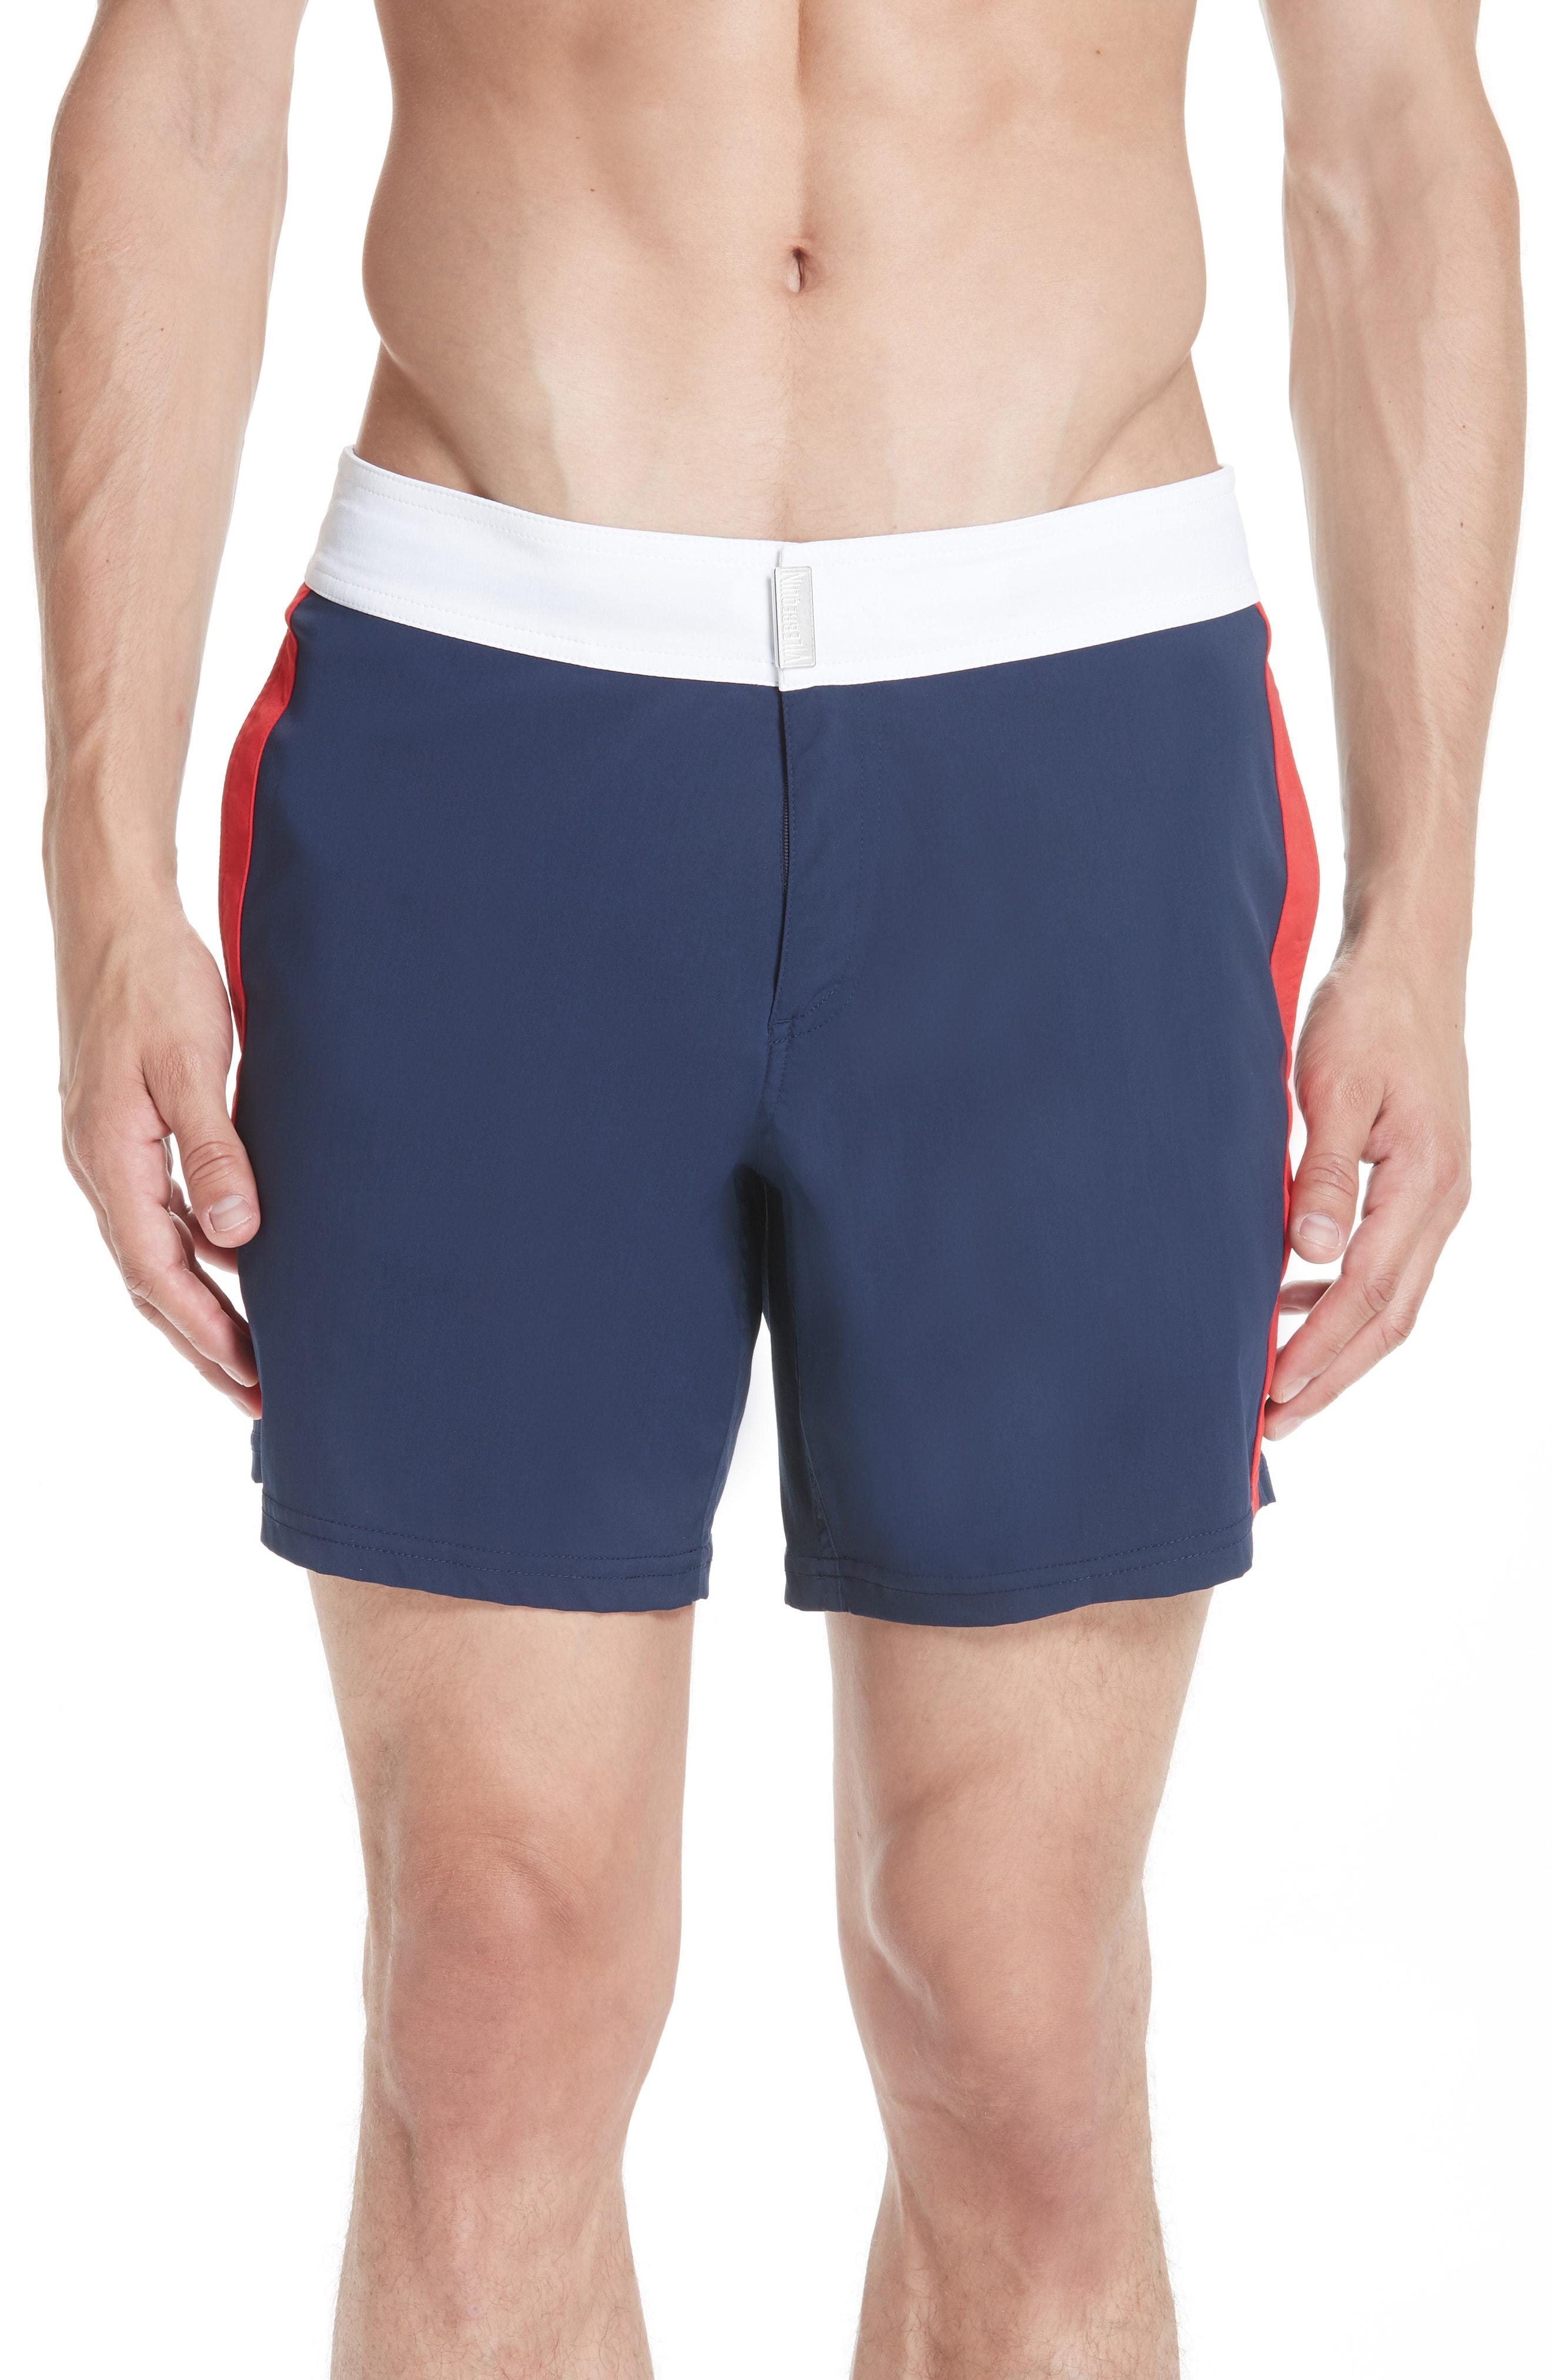 16aa79289a Vilebrequin Men Swimwear - Men Flat Belt Stretch Swimtrunks Tricolor -  Swimwear - Merle In Navy